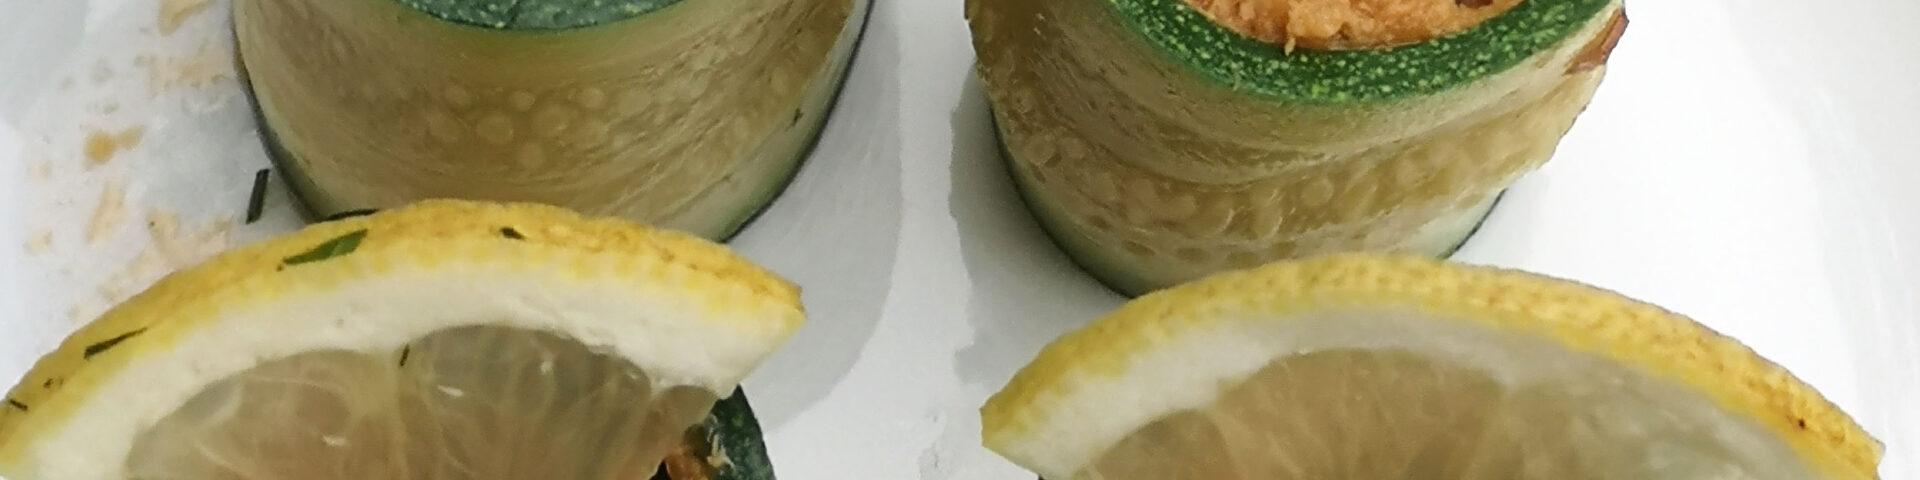 Zucchini-Sardinen-Röllchen als einfache Vorspeise